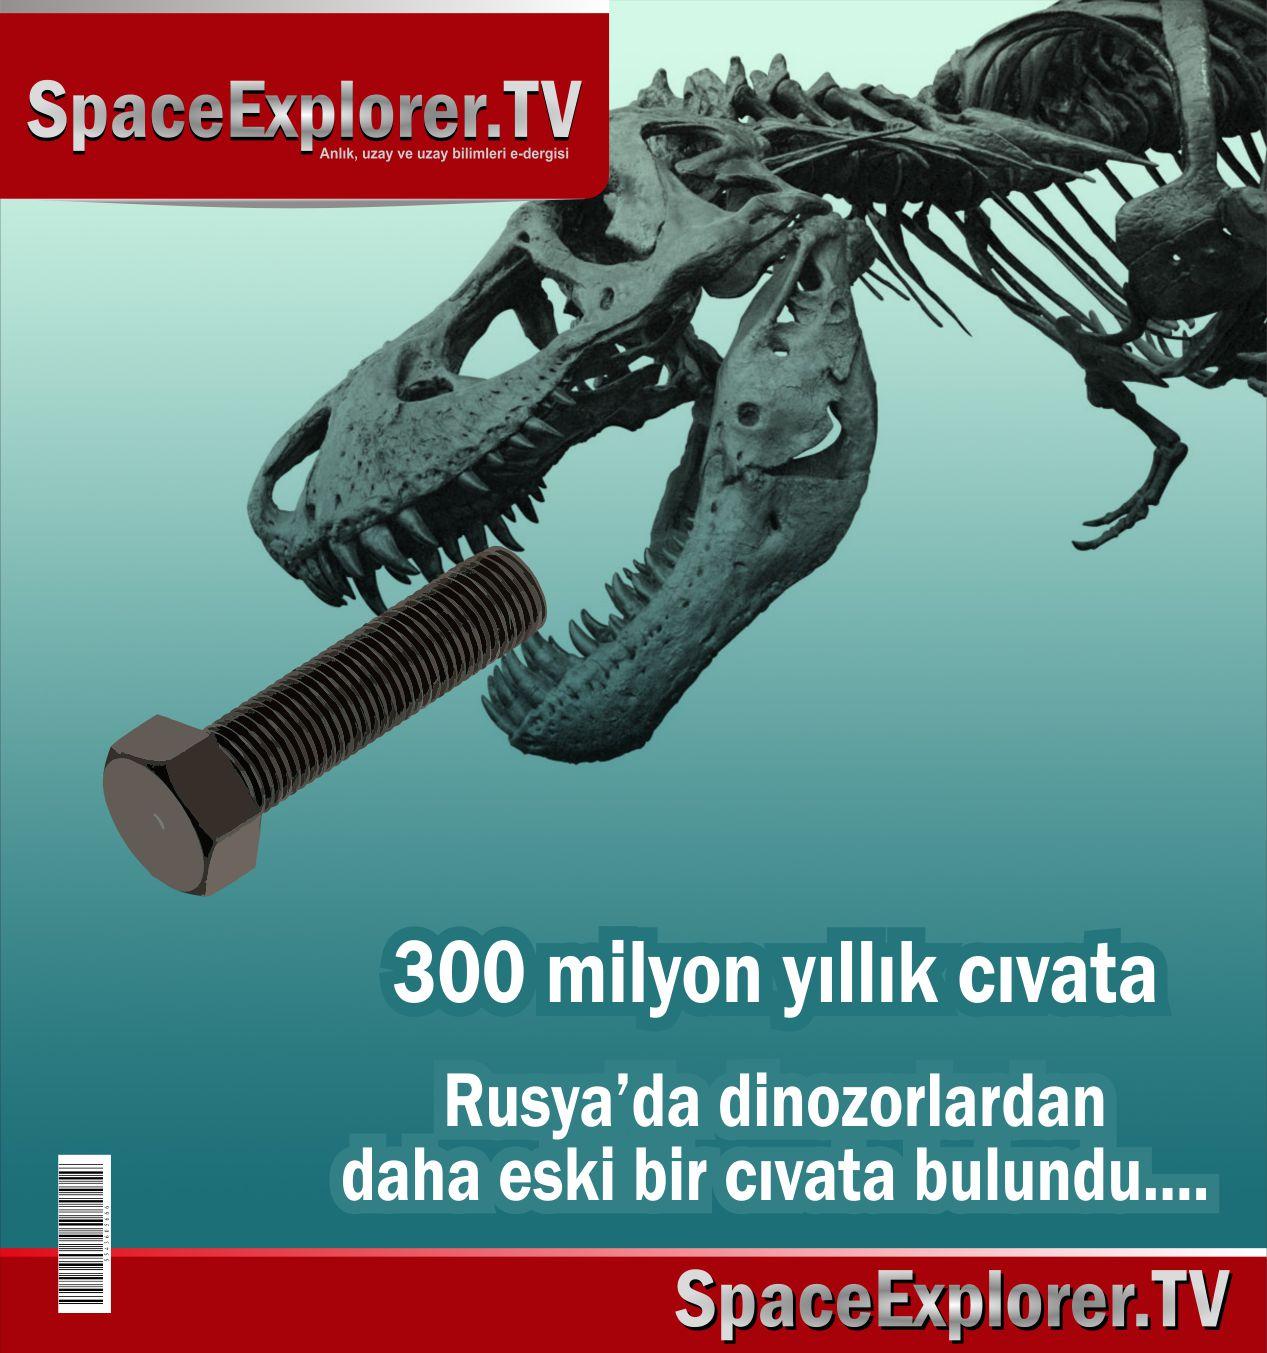 Mars, Mars'ta yaşam var mı, Antik uzaylılar, İnsanlık tarihi ne kadar, 300 milyon yıllık cıvata, Rusya, Uzay çöplüğü, Farklı zaman kavramları, Zamanda yolculuk, Space Explorer,